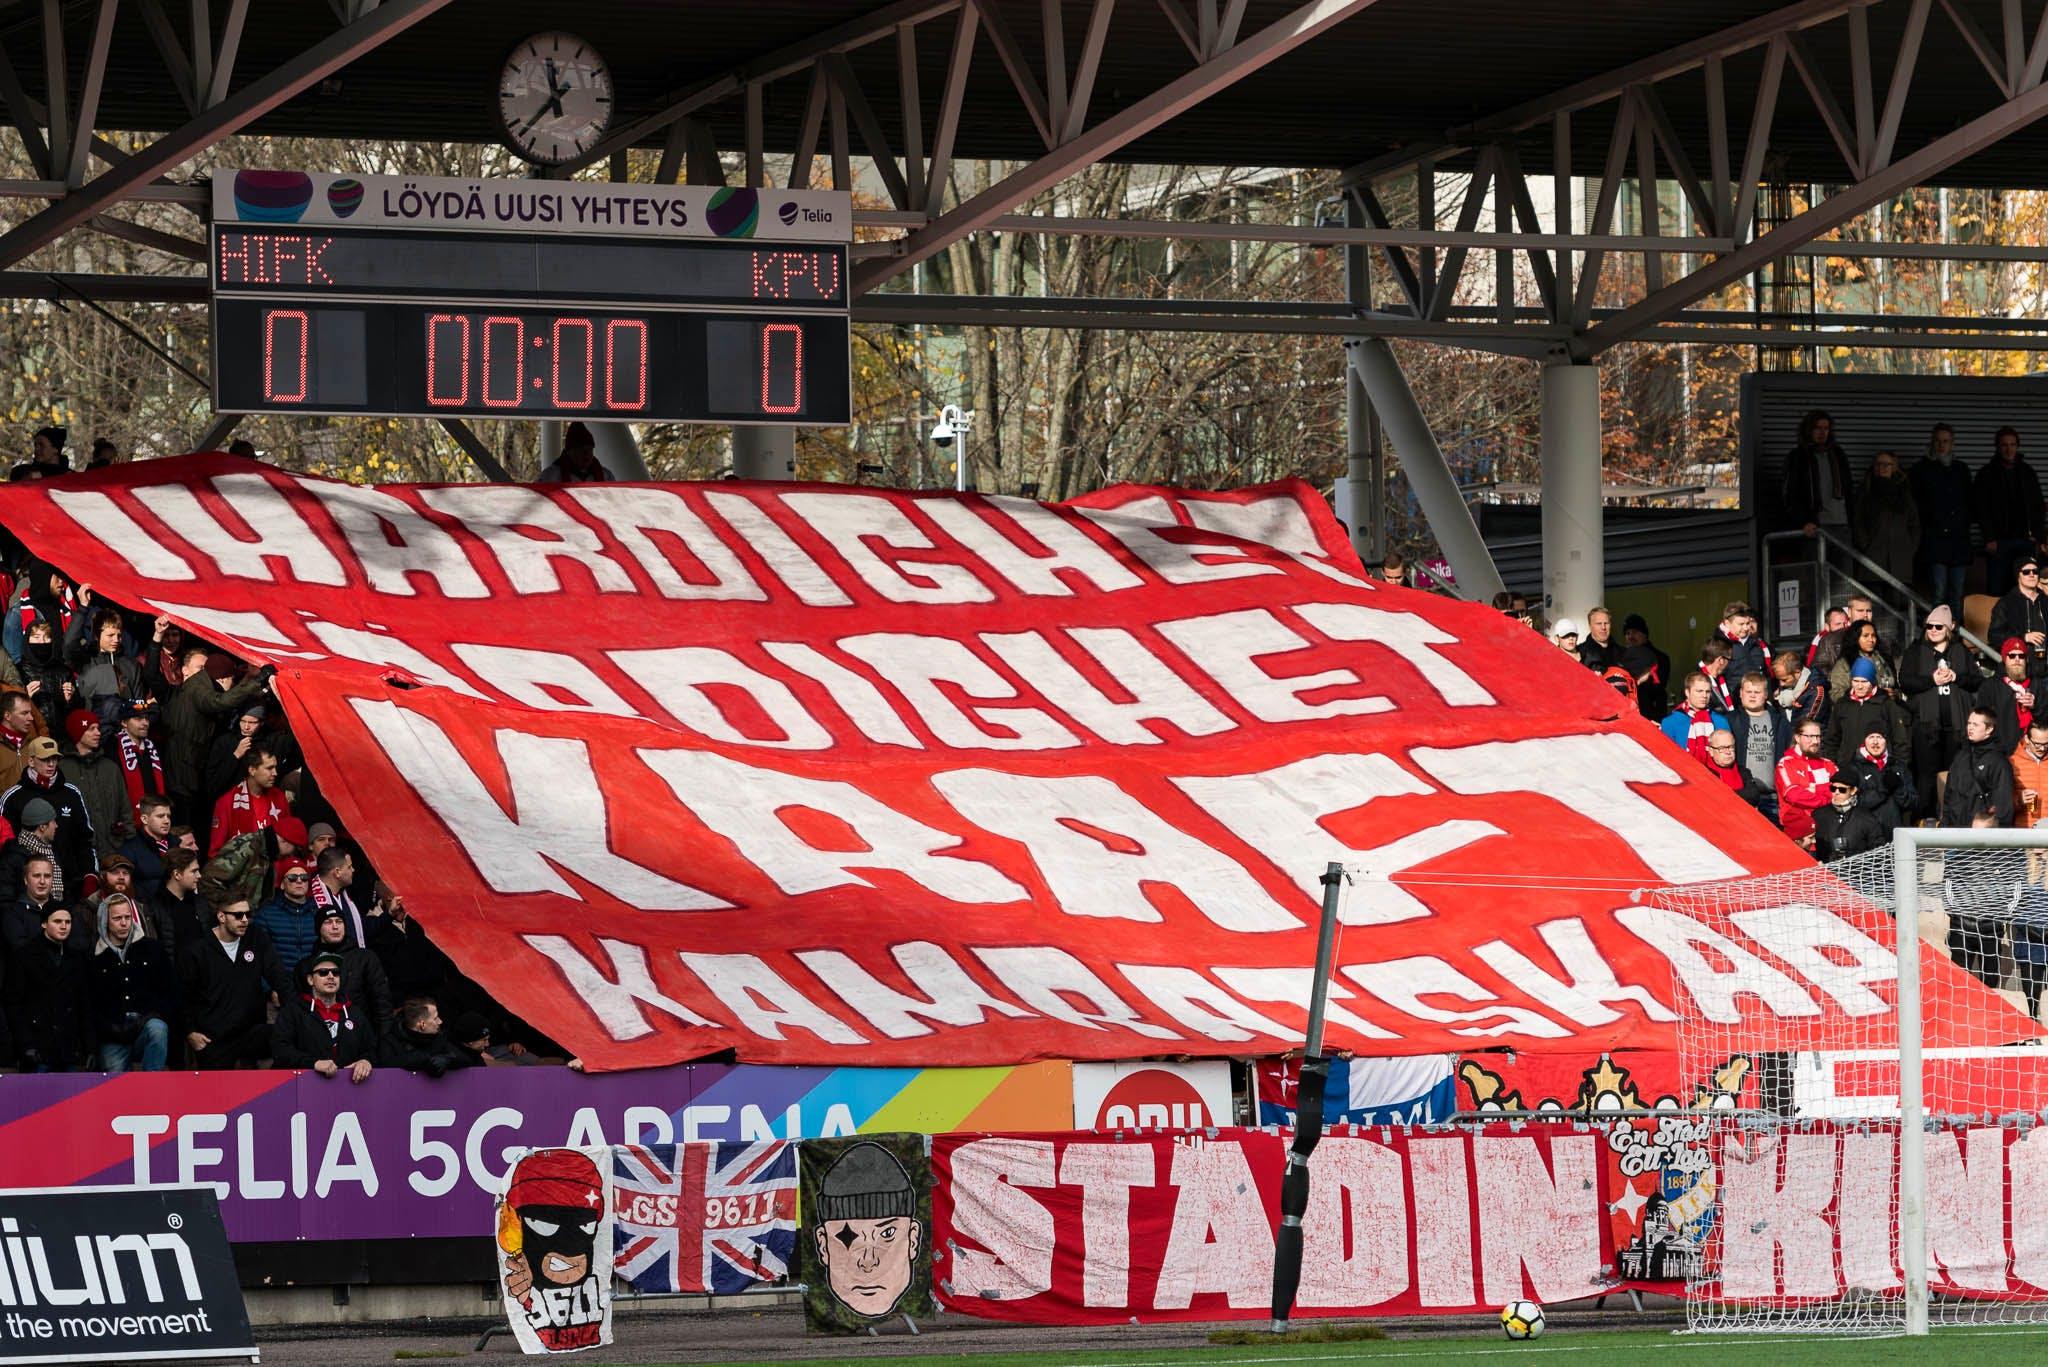 Den pågående veckan har HIFK Fotbolls nyheter och uppdateringar i sina  sociala medier uppdaterats endast på svenska. 48c51bec5406a